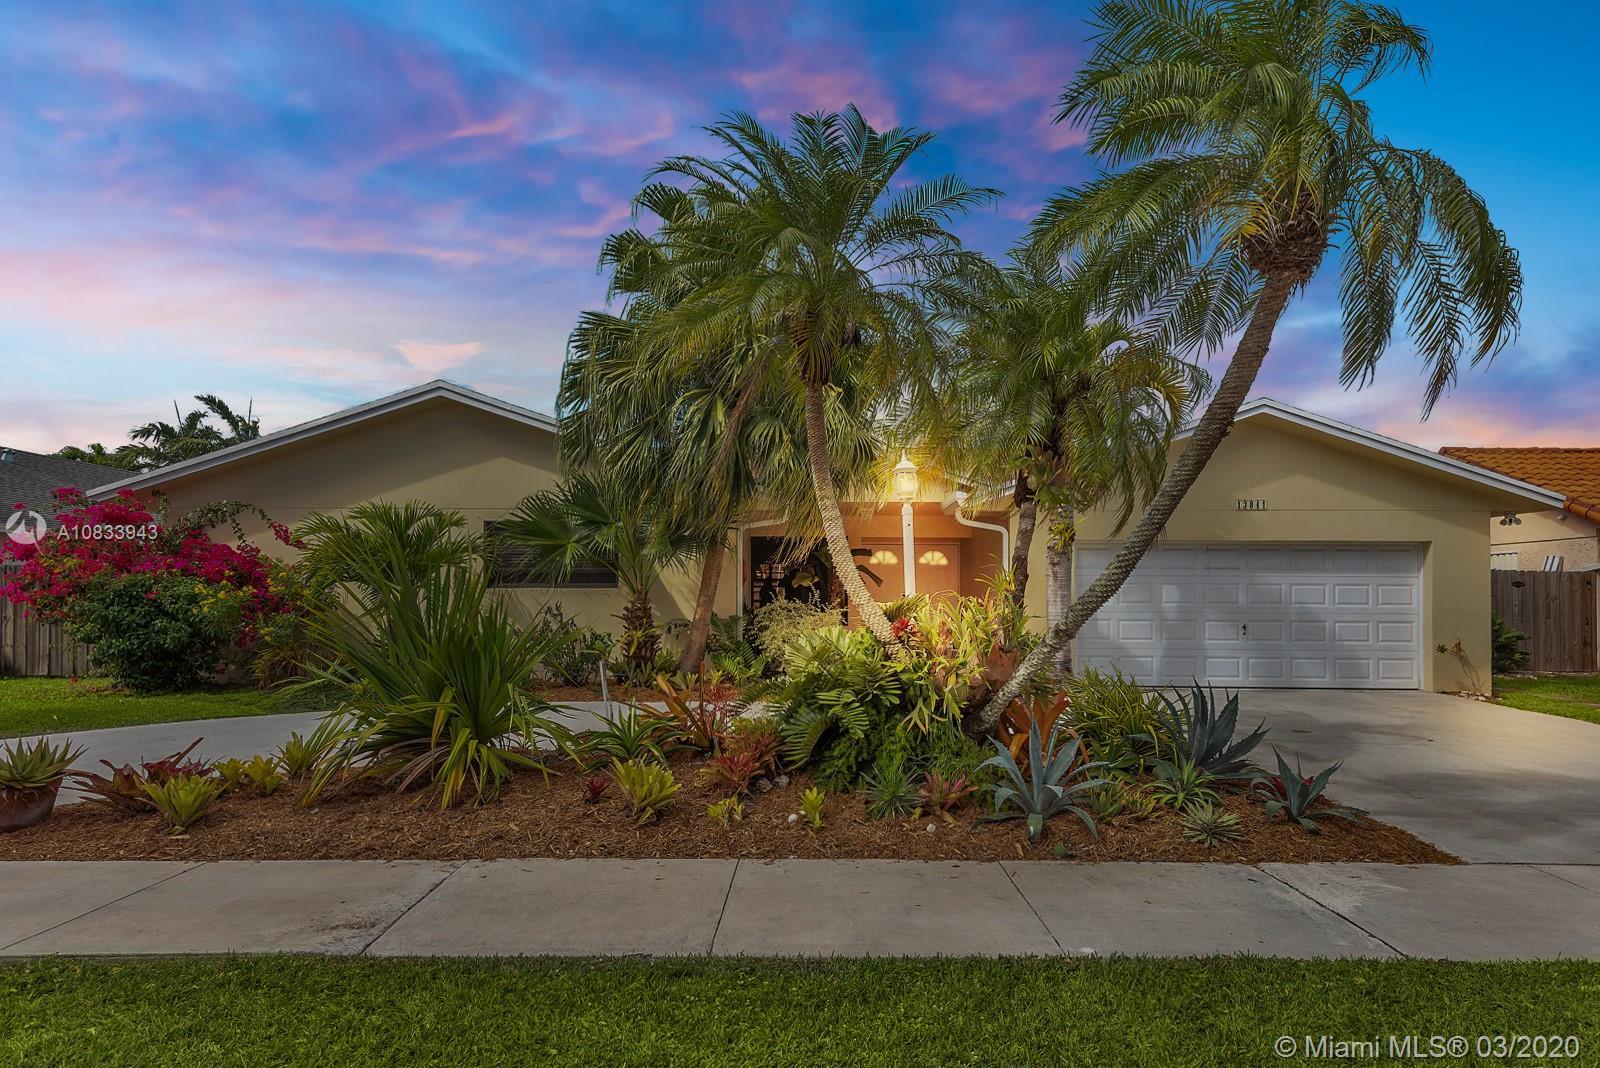 13841 SW 108th St, Miami, FL 33186 - Miami, FL real estate listing